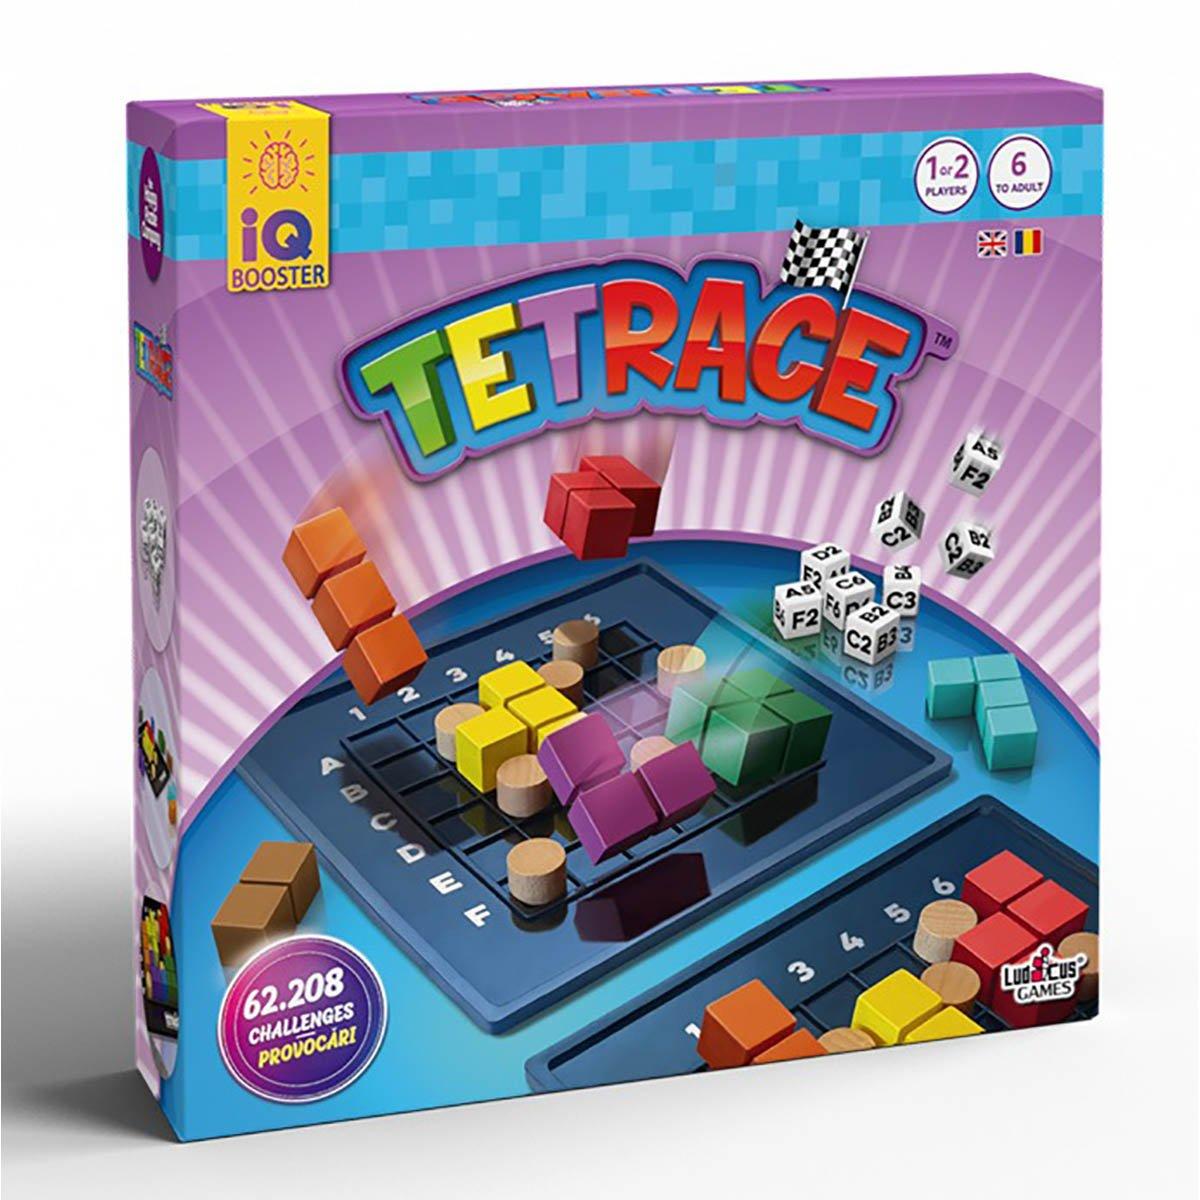 Joc educativ IQ Booster - Tetrace